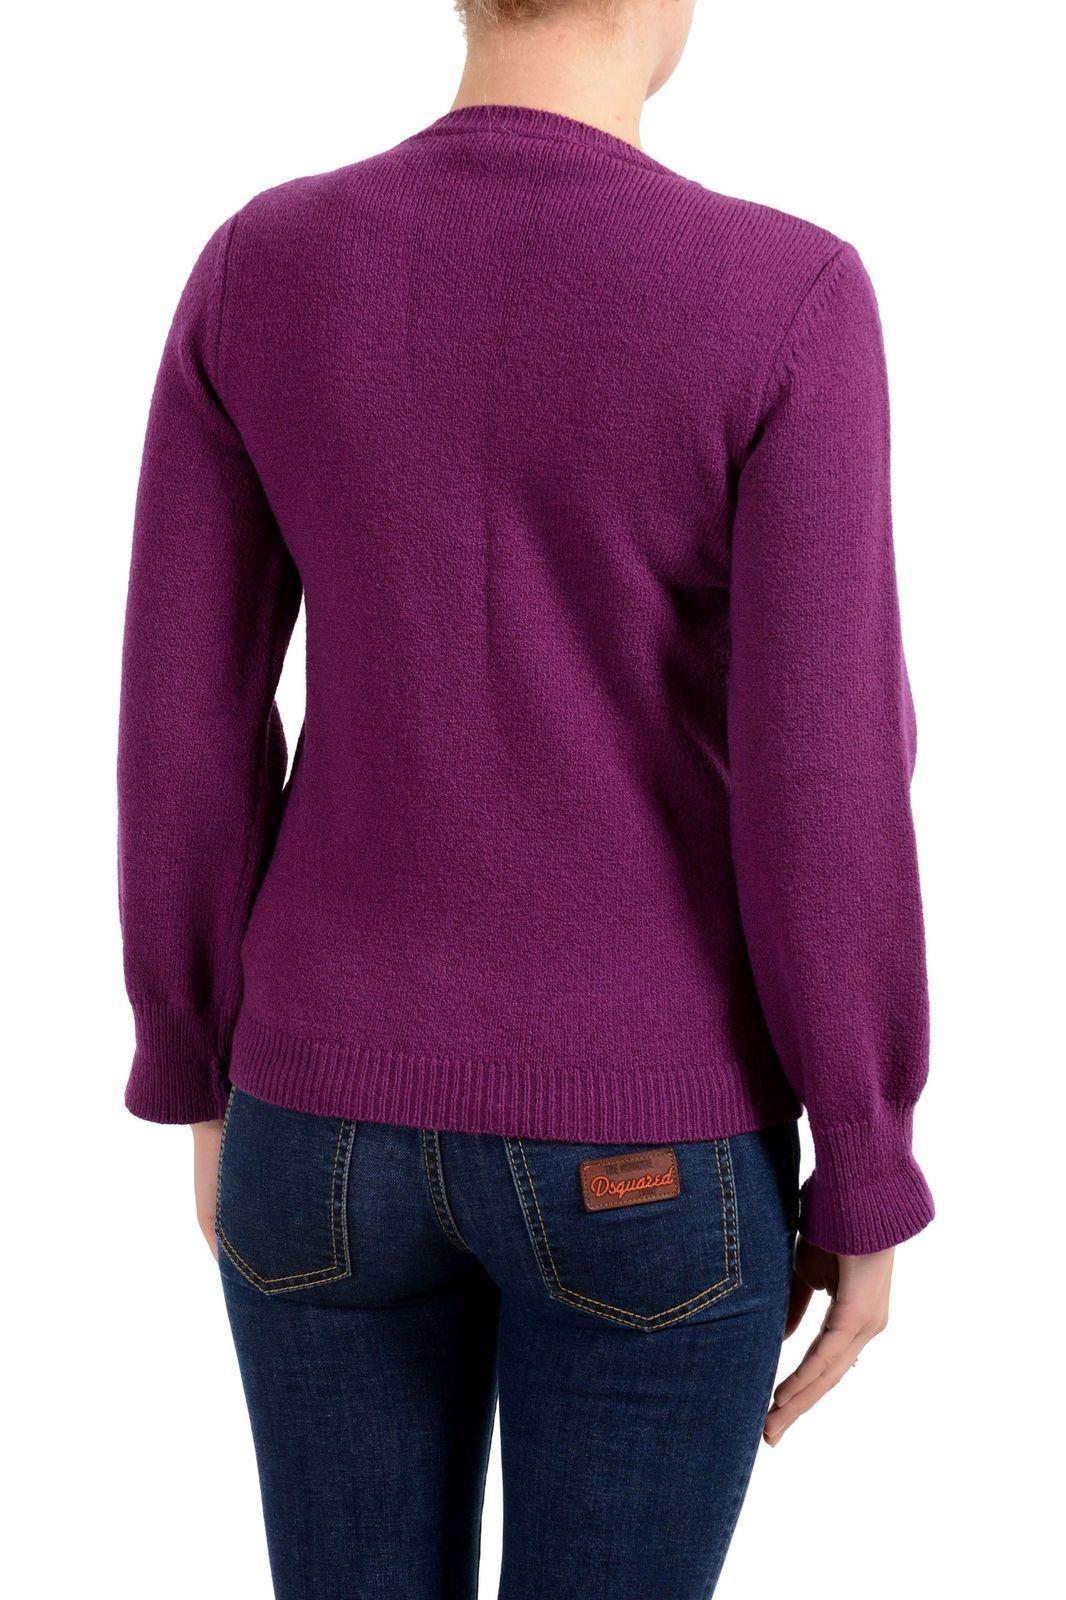 Dsquared2 Women's Women's Women's Wool Purple Full Zip Sweater US S IT 40 bcaf38